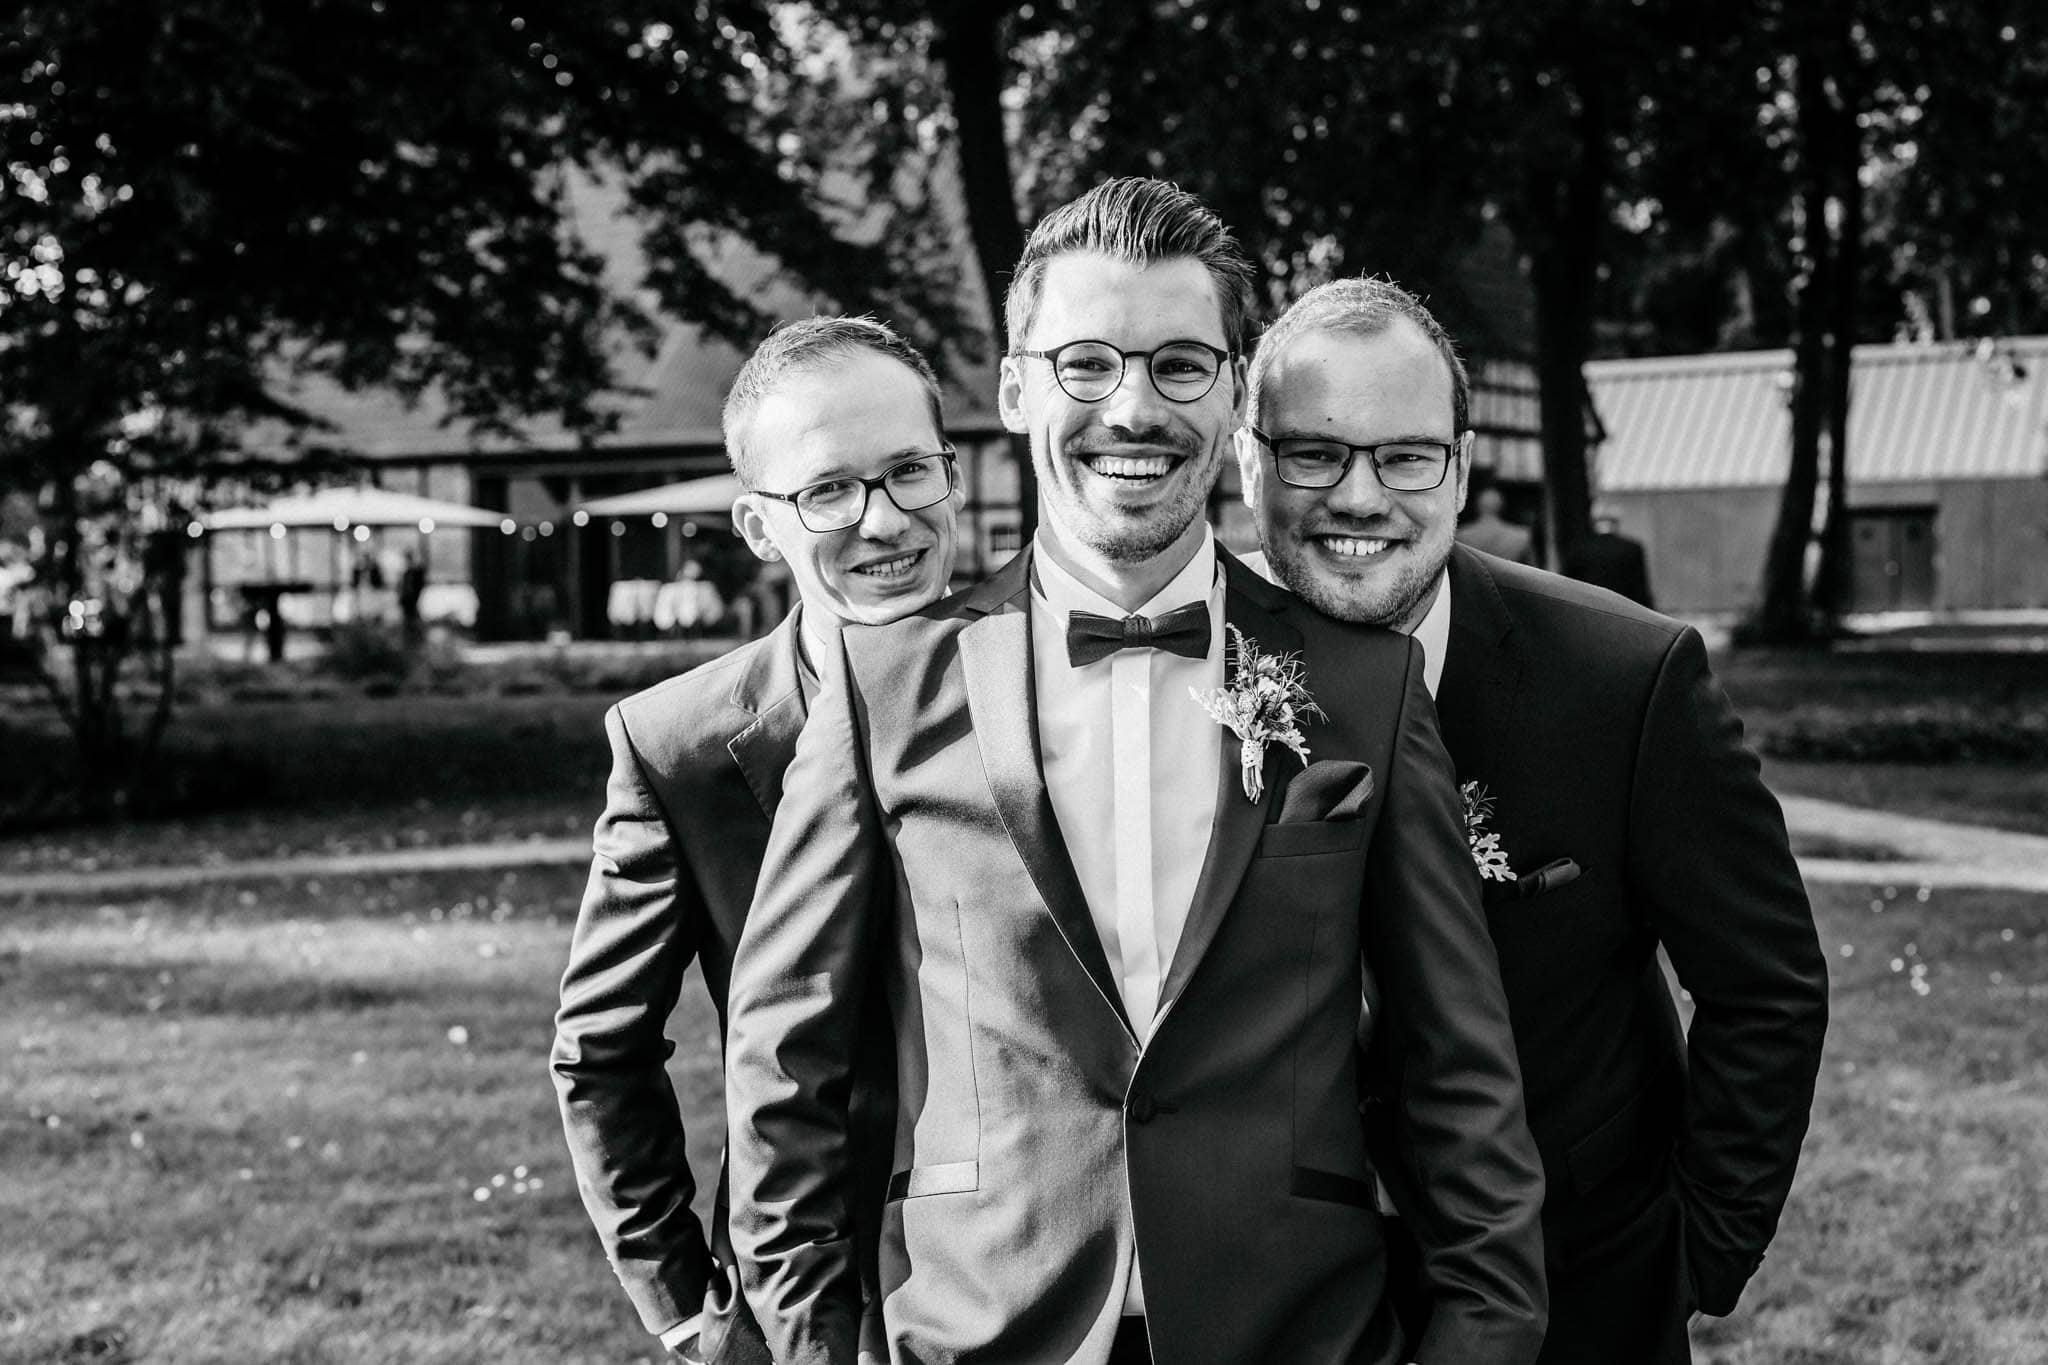 Hochzeitsfieber by Photo-Schomburg, Hochzeitsfotograf, Hamburg, Bremen, Hochzeitstag, Hochzeitspaar, Braut, Bräutigam, Bremen-Kränholm,Knoops Park-170